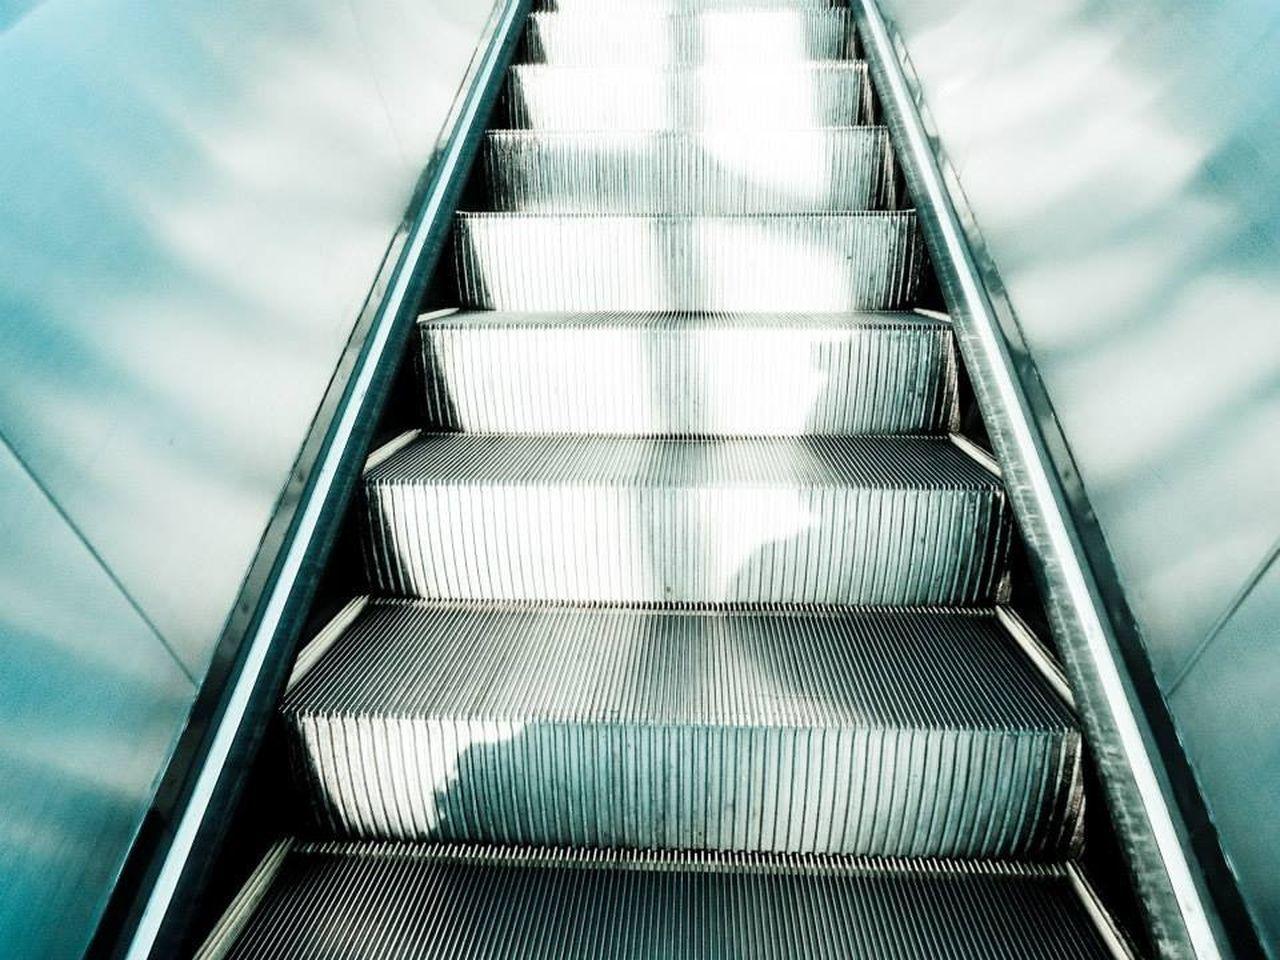 High Angle View Of Escalator